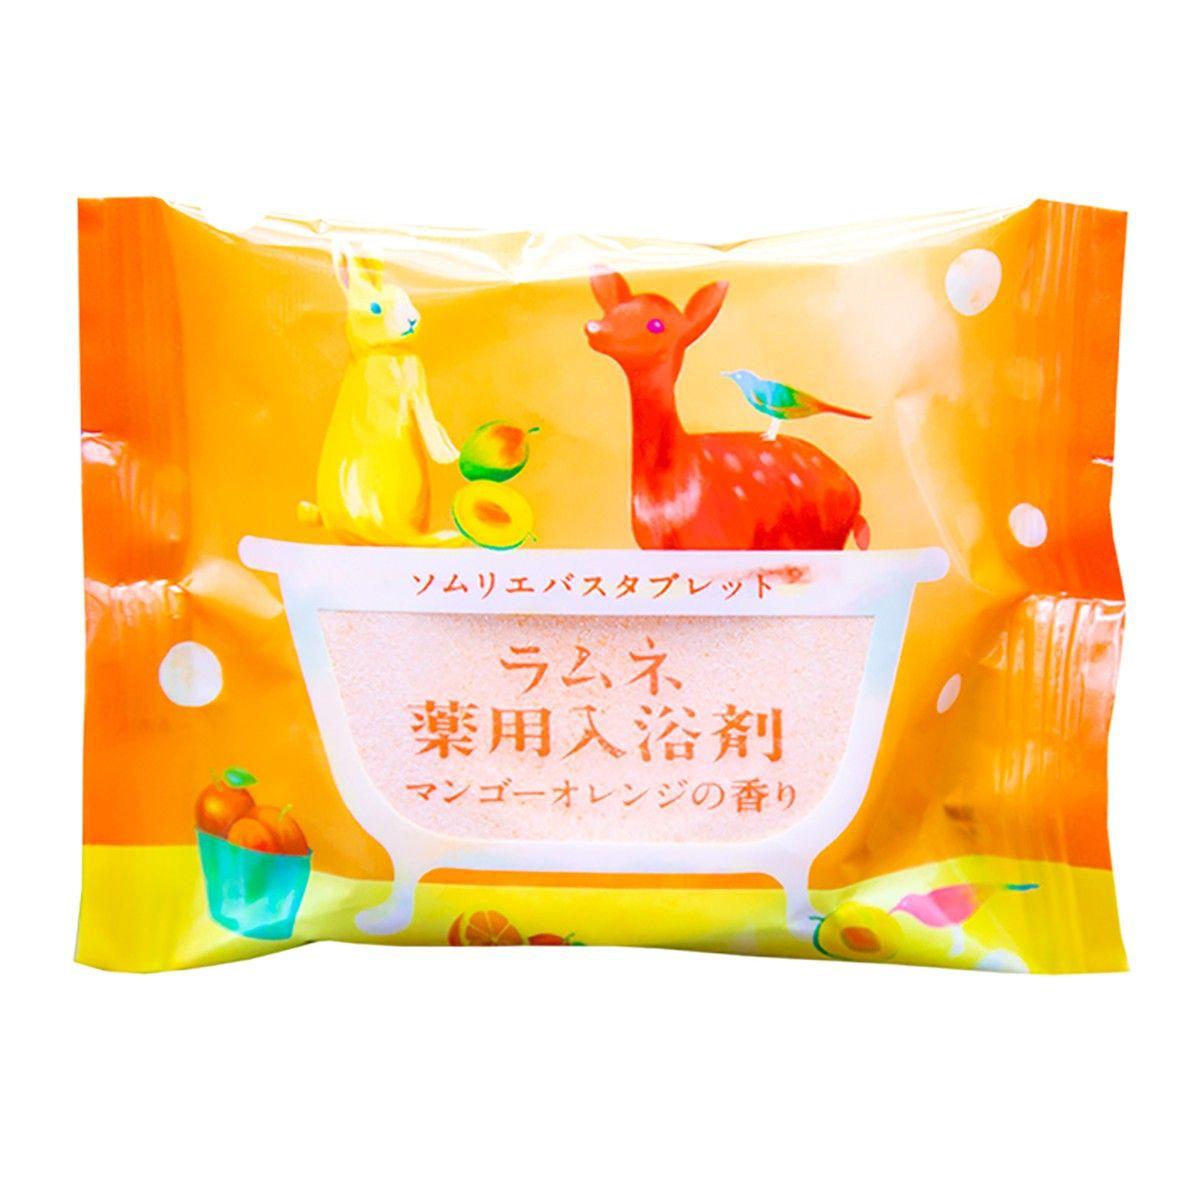 Фото Расслабляющая соль-таблетка для ванны с ароматом манго и апельсина - 40 гр.